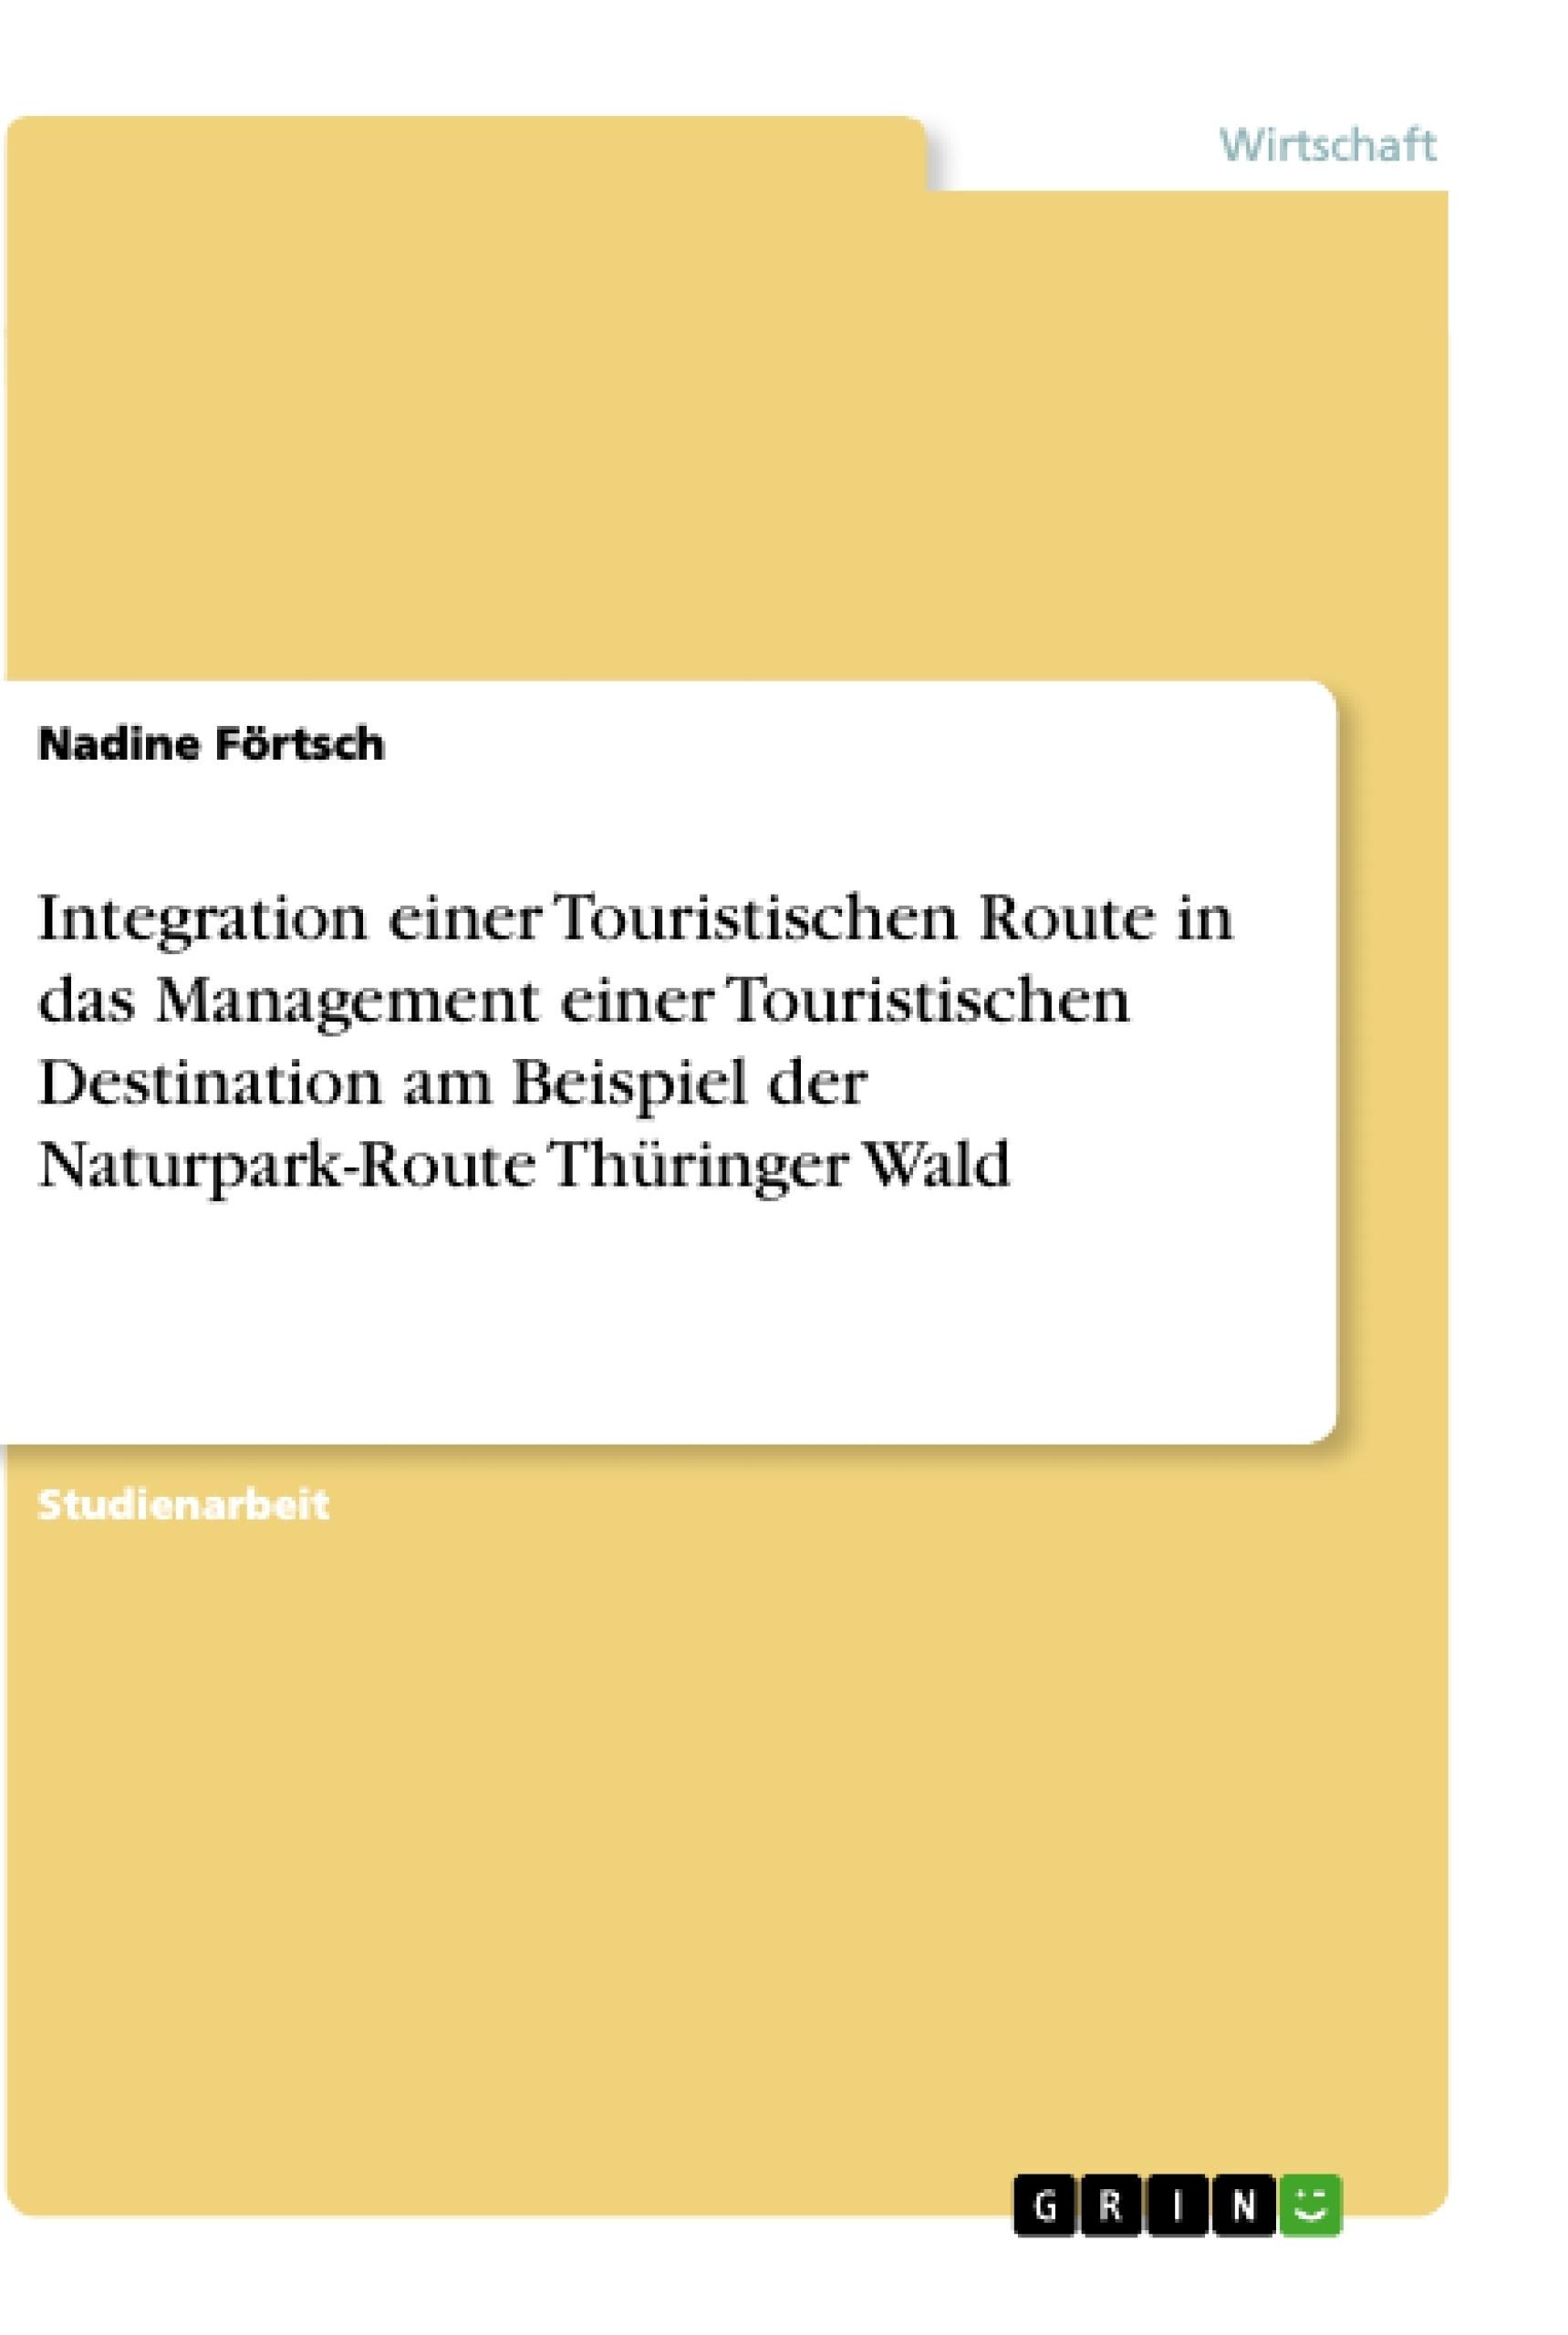 Titel: Integration einer Touristischen Route in das Management einer Touristischen Destination am Beispiel der Naturpark-Route Thüringer Wald